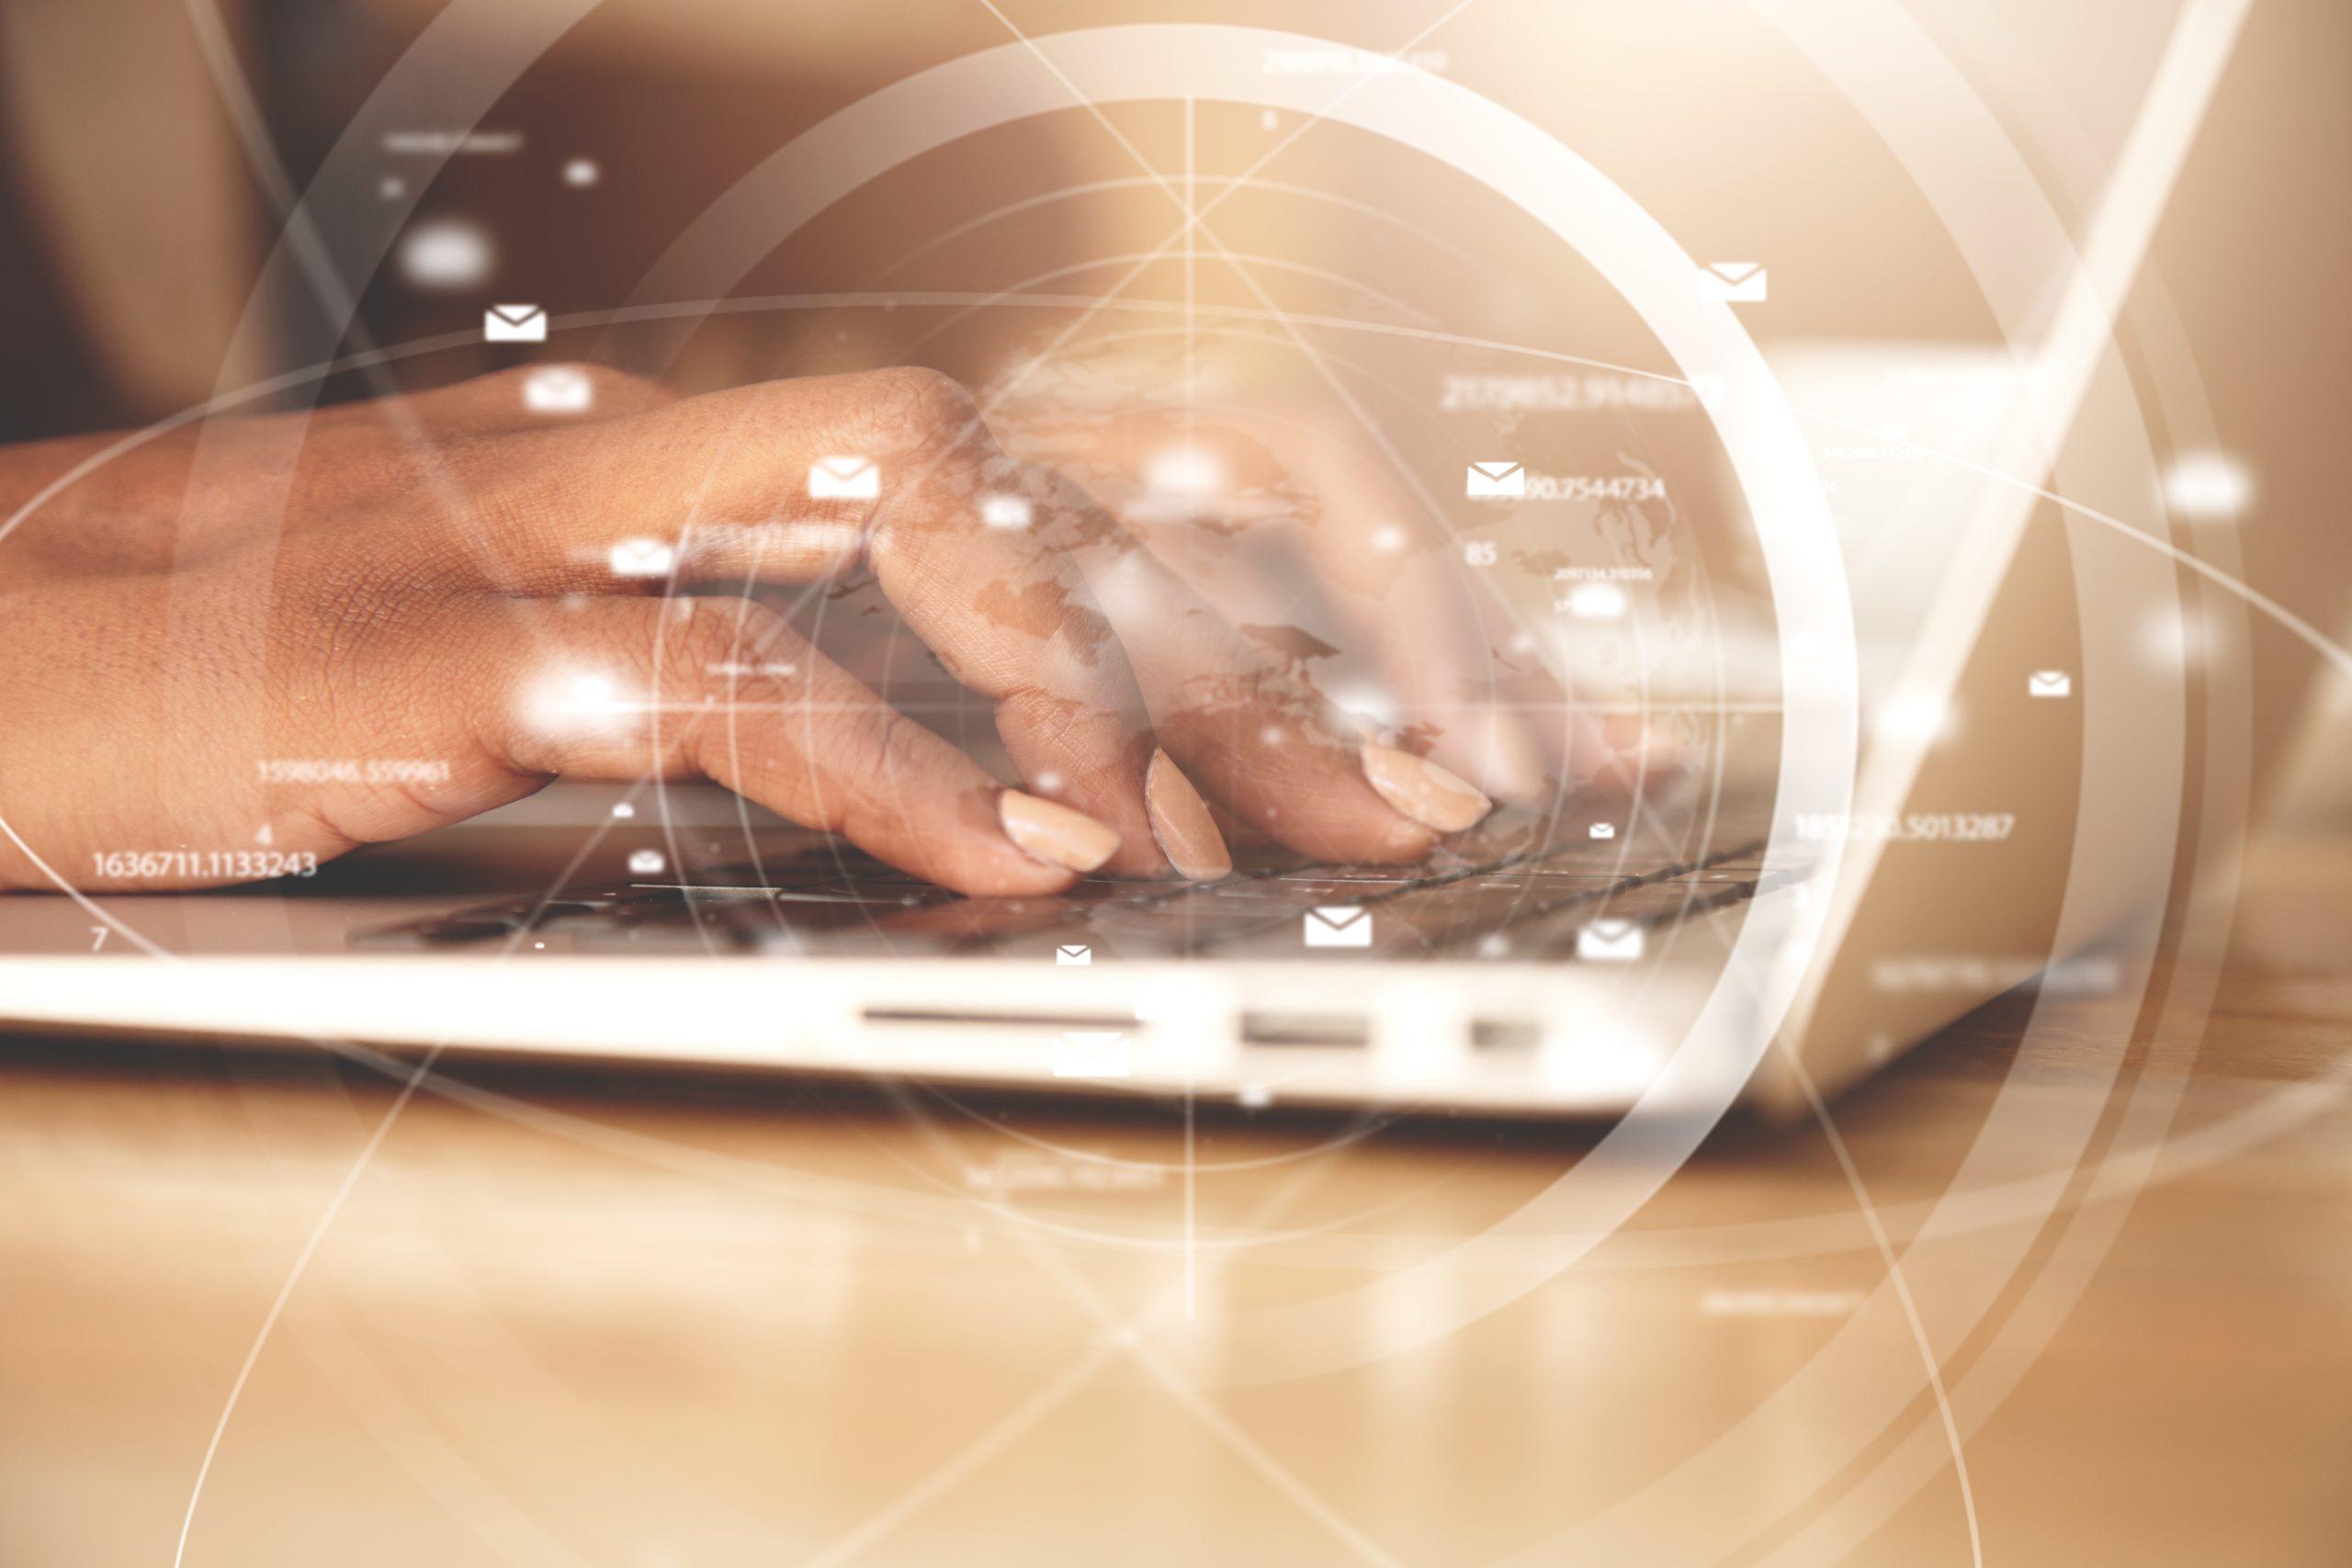 Mujer tecleando en un computador portátil